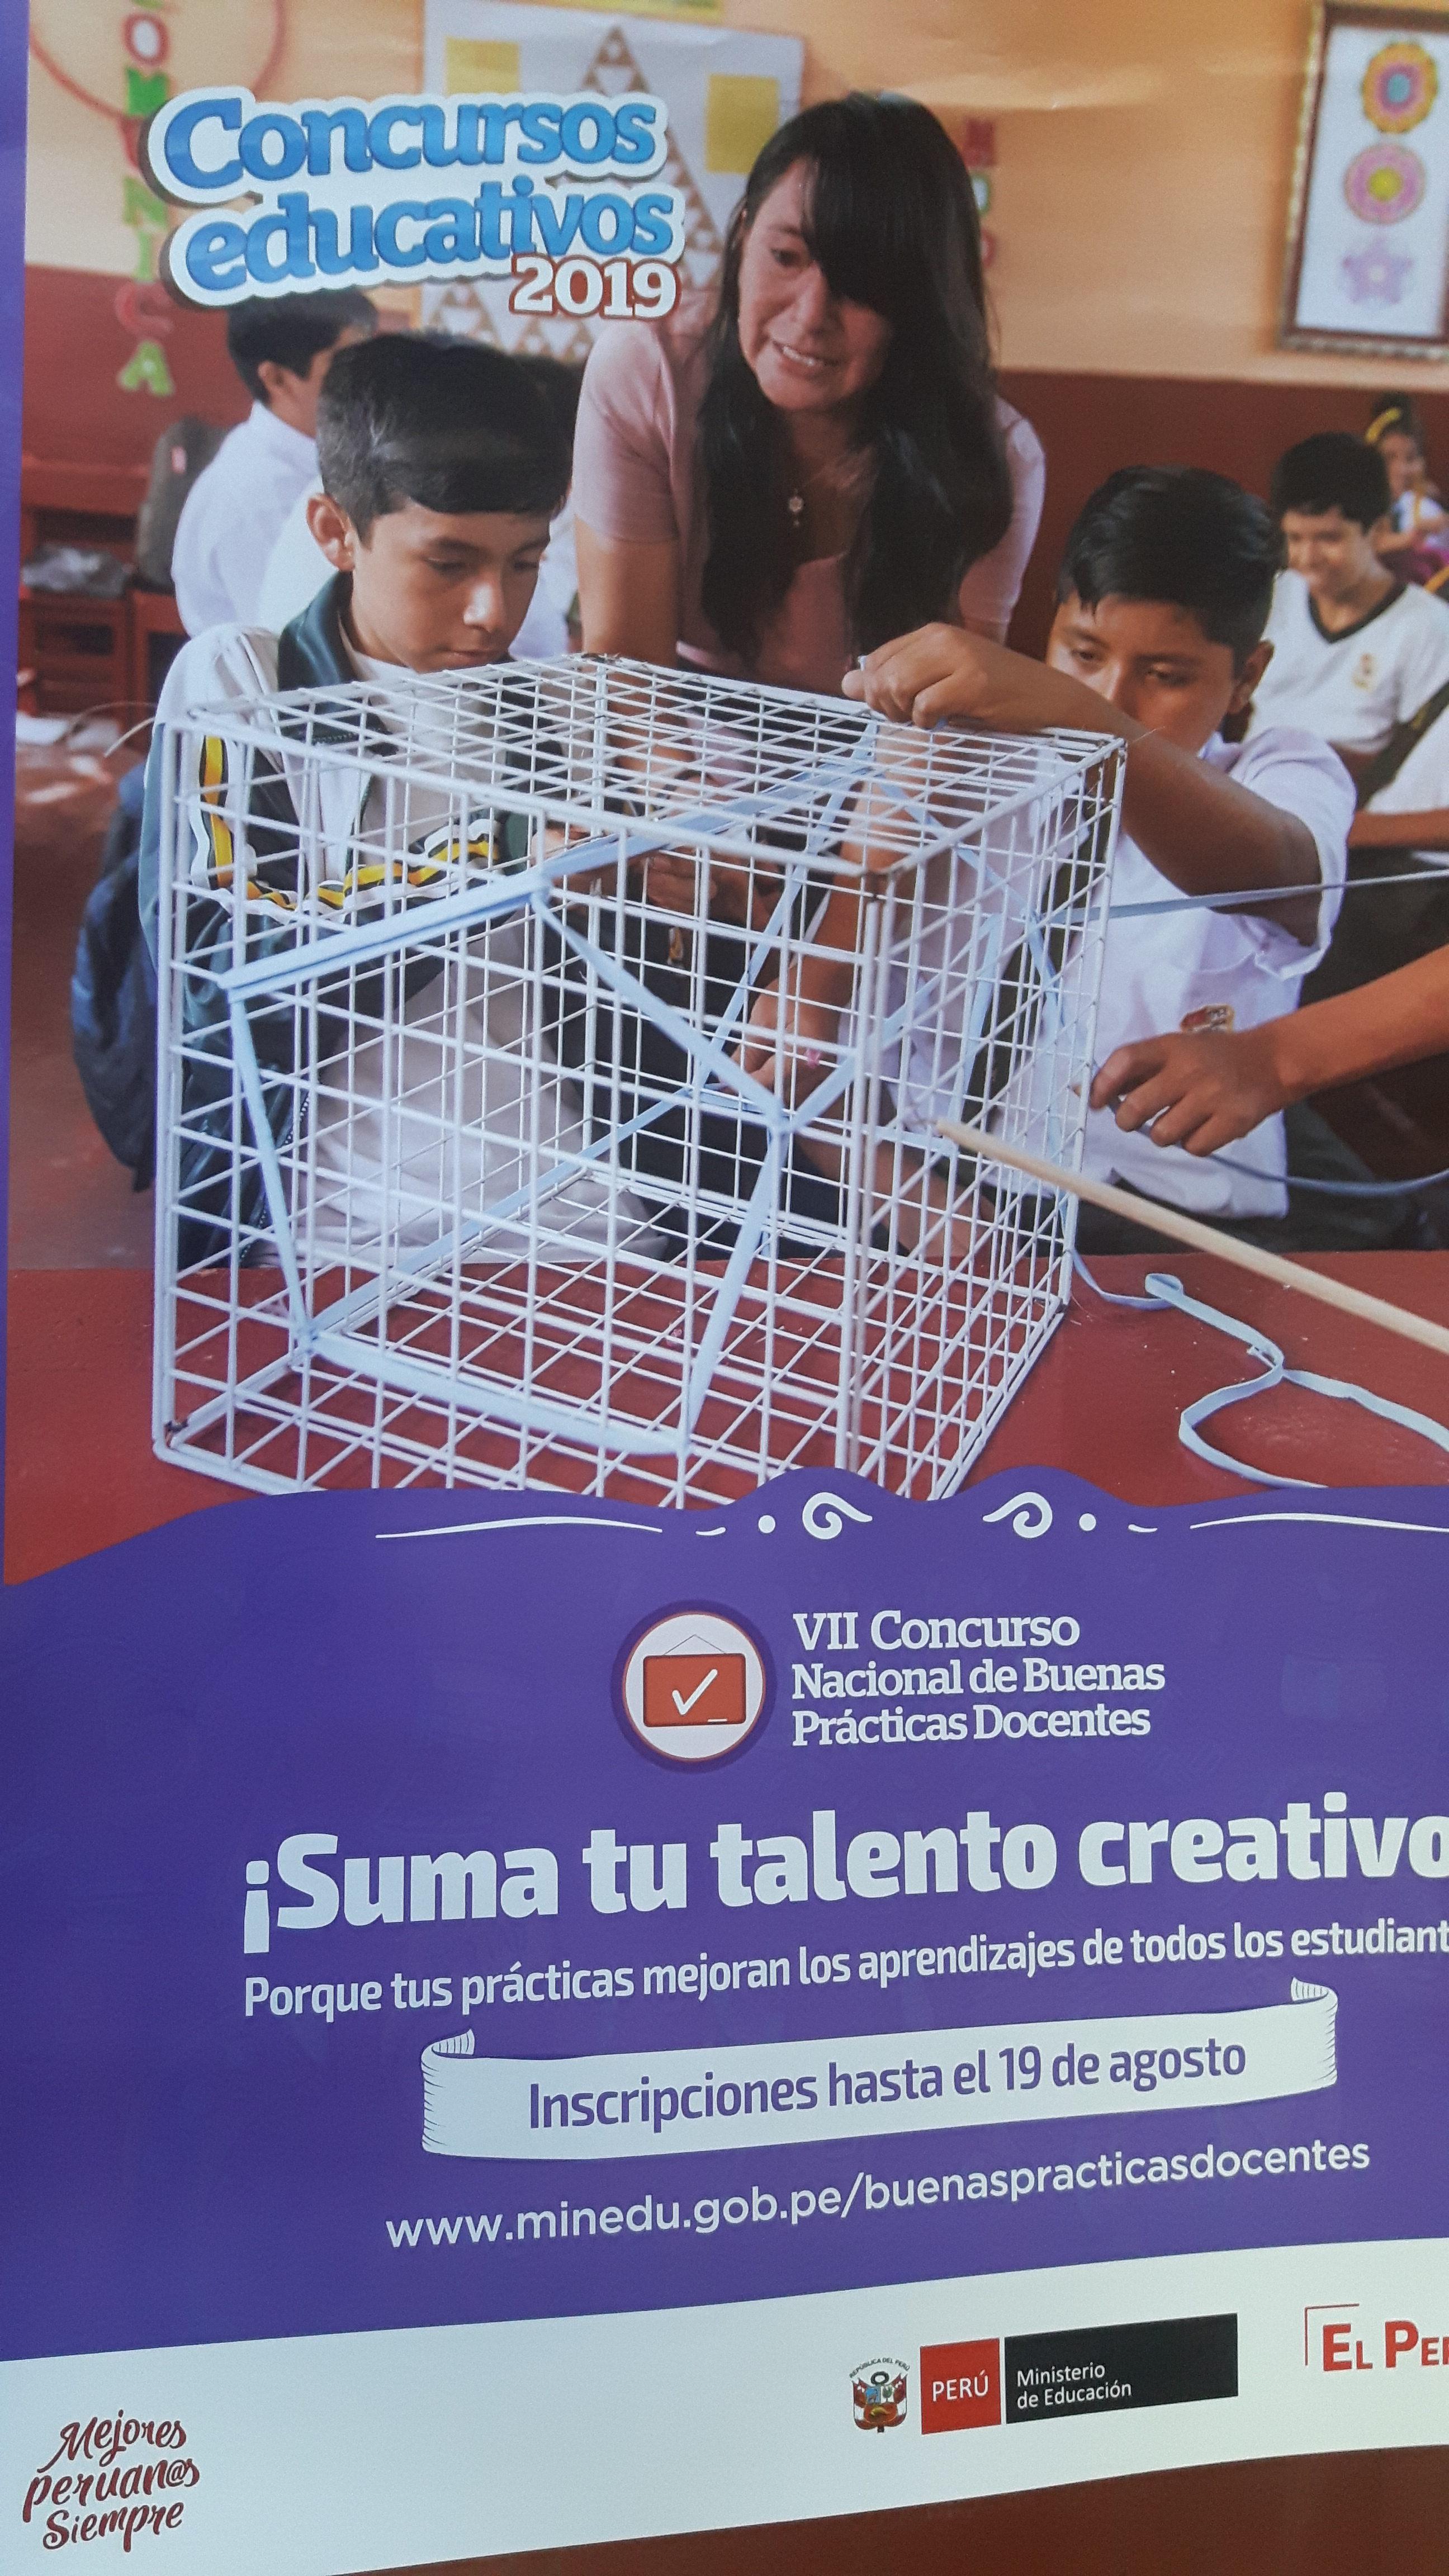 VII CONCURSO NACIONAL DE BUENAS PRACTICAS DOCENTES